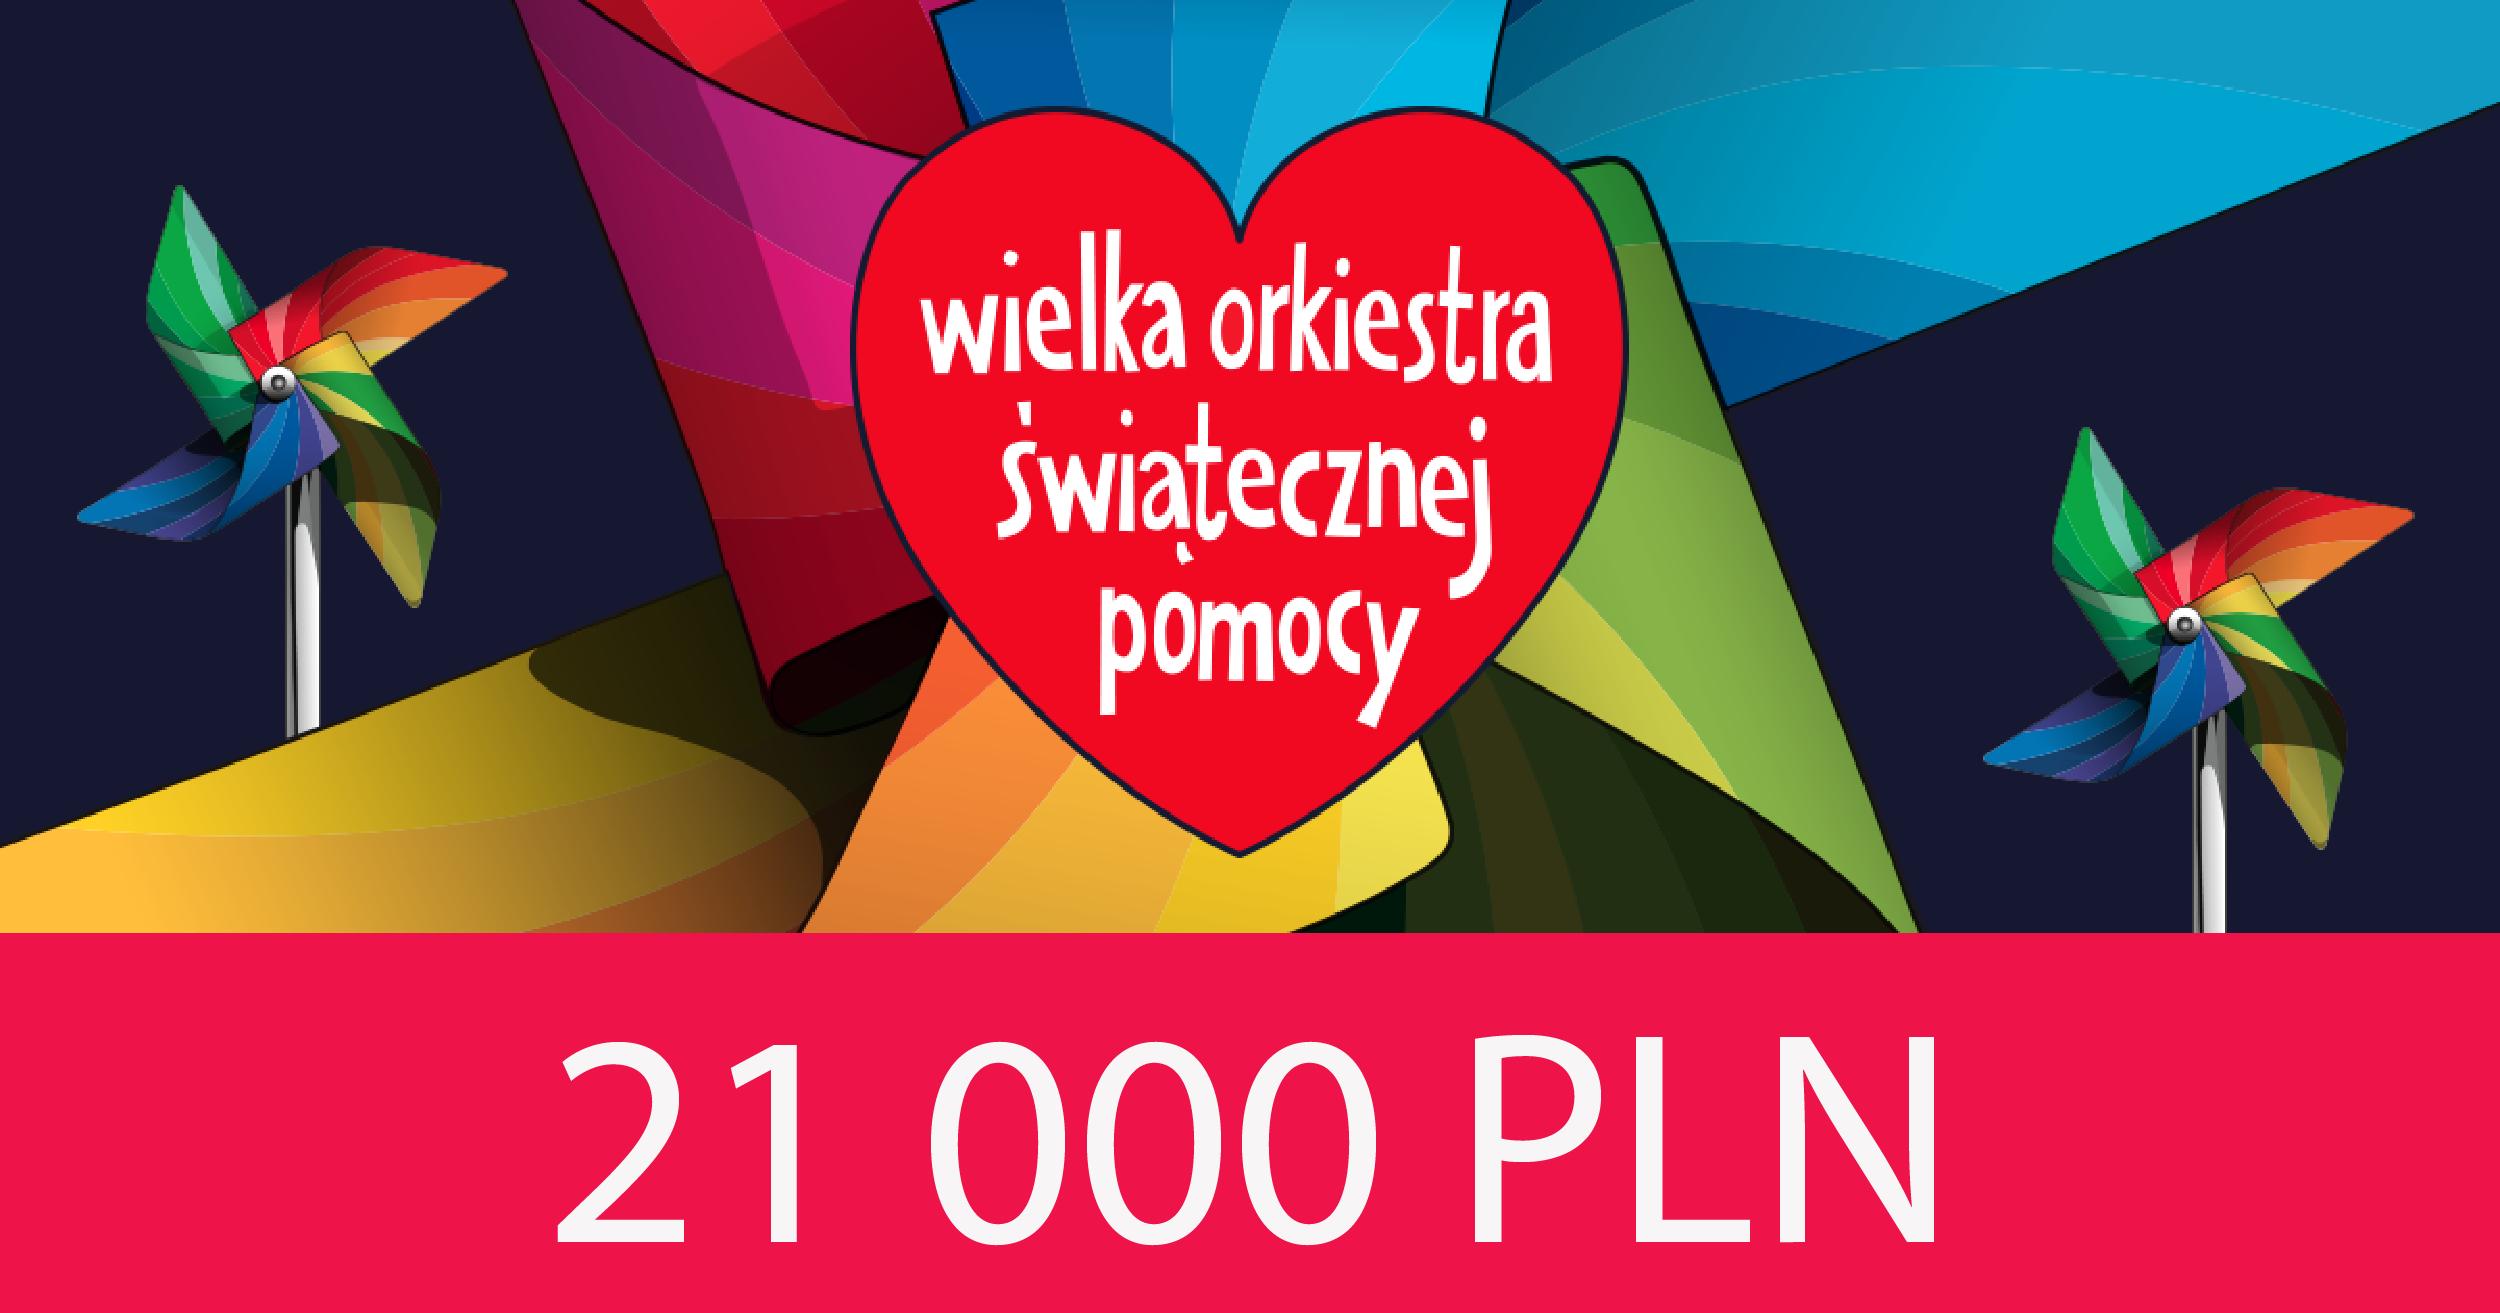 zrzutka.pl zagrała z WOŚP :)